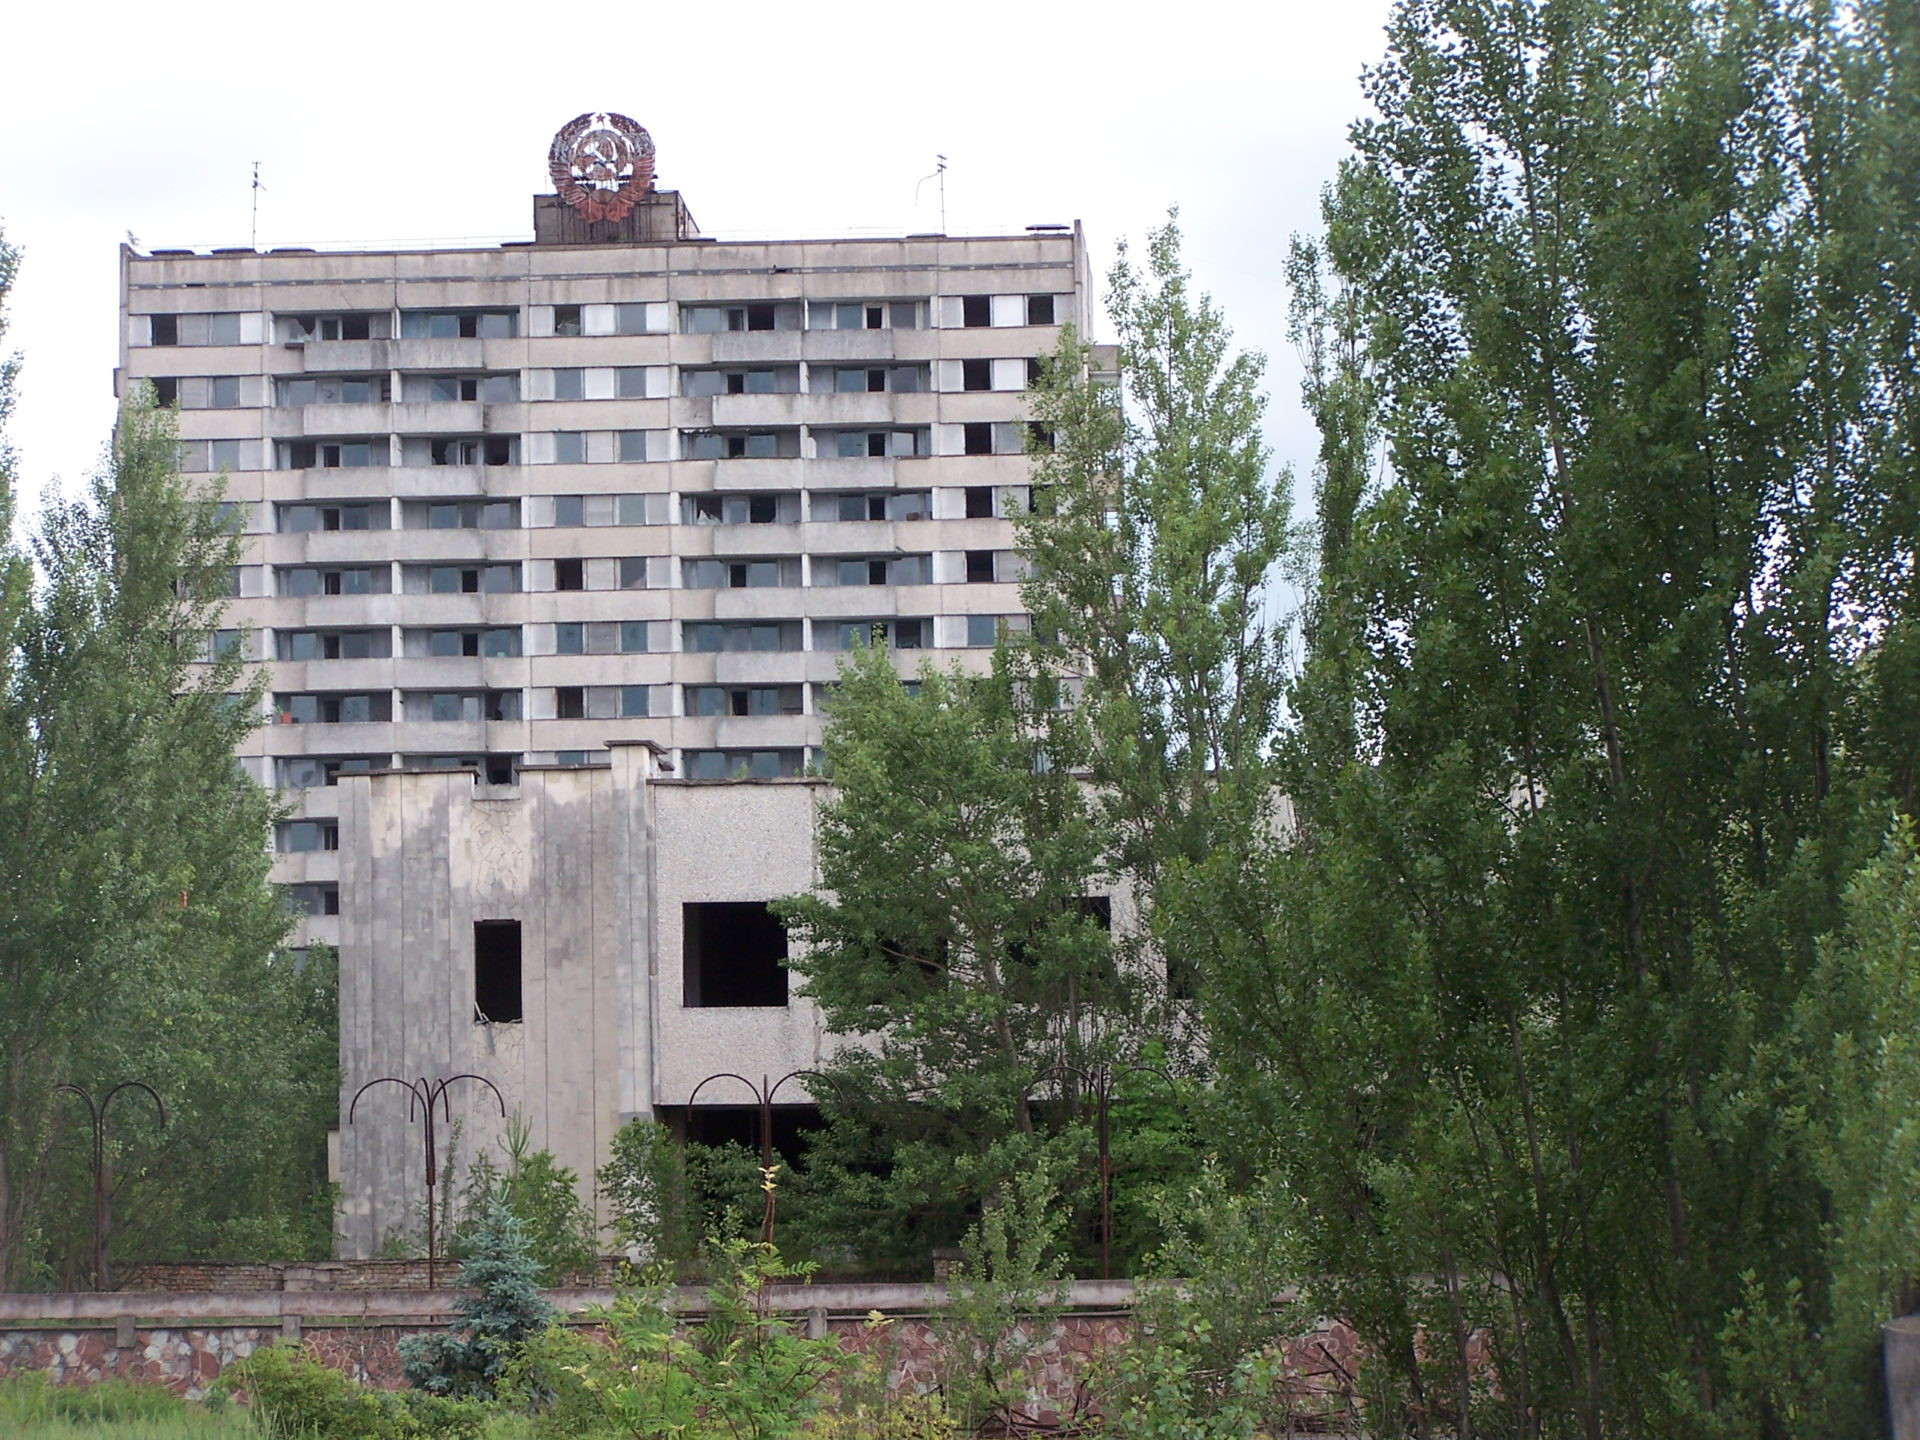 Pripyat pictures